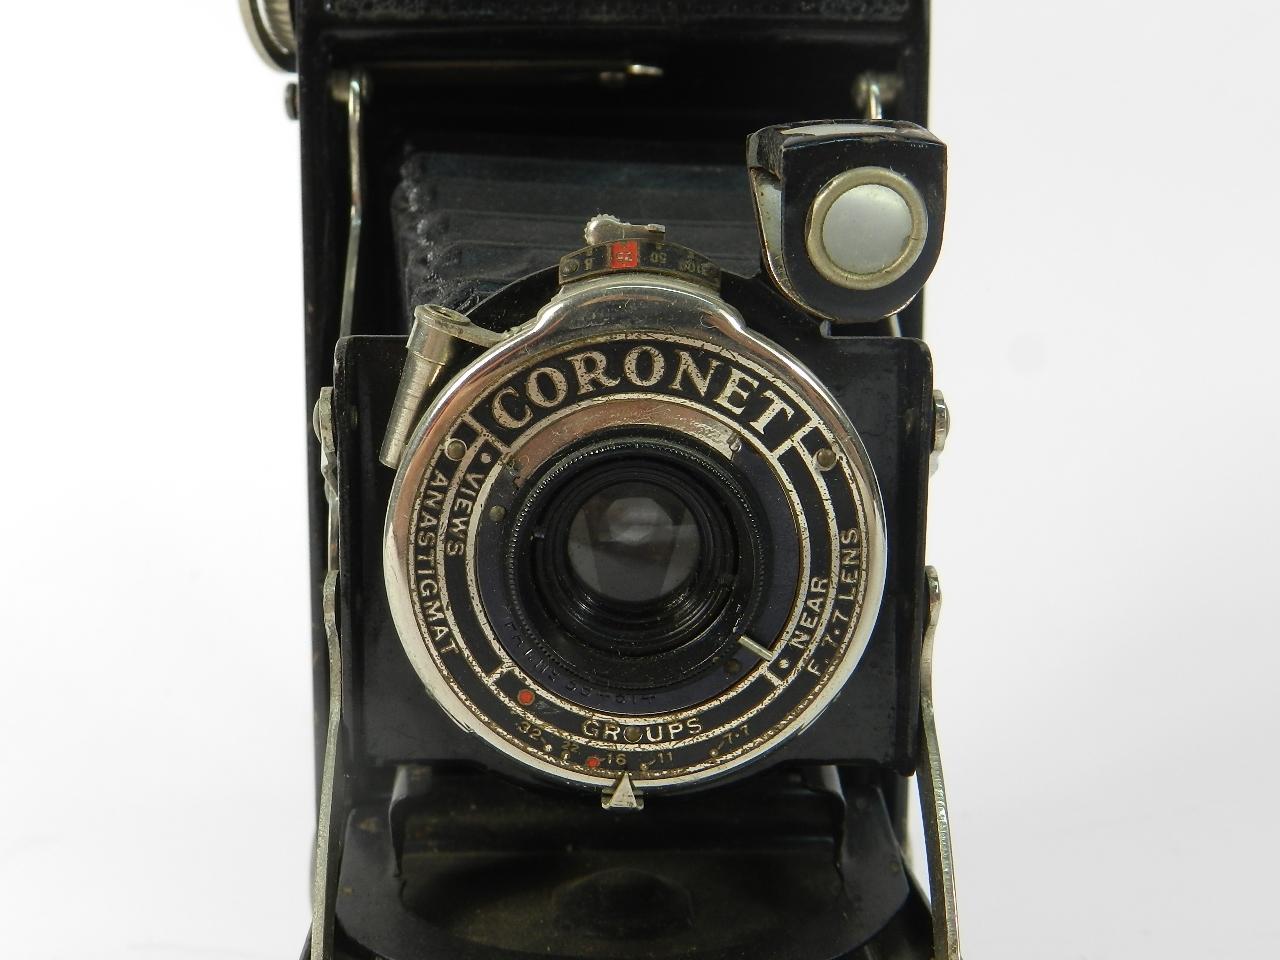 Imagen CORONET AÑO 1940 38054